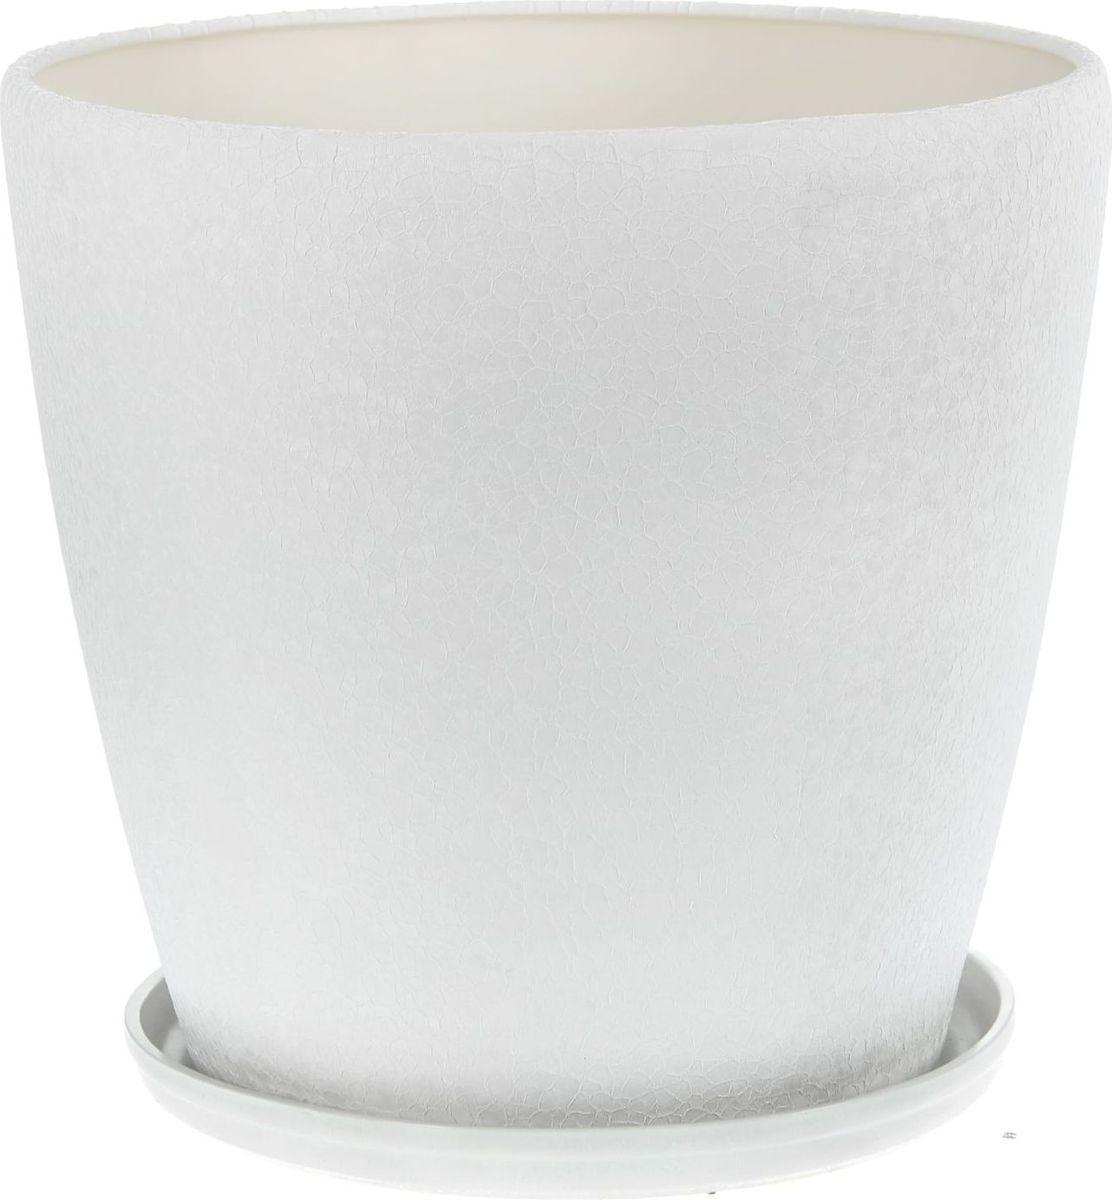 Кашпо Керамика ручной работы Грация, цвет: белый, 30 л1136887Комнатные растения - всеобщие любимцы. Они радуют глаз, насыщают помещение кислородом и украшают пространство. Каждому из них необходим свой удобный и красивый дом. Кашпо Грация из керамики прекрасно подходят для высадки растений: пористый материал позволяет испаряться лишней влаге, а воздух, необходимый для дыхания корней, проникает сквозь керамические стенки.Кашпо Грация позаботится о зеленом питомце, освежит интерьер и подчеркнет его стиль.